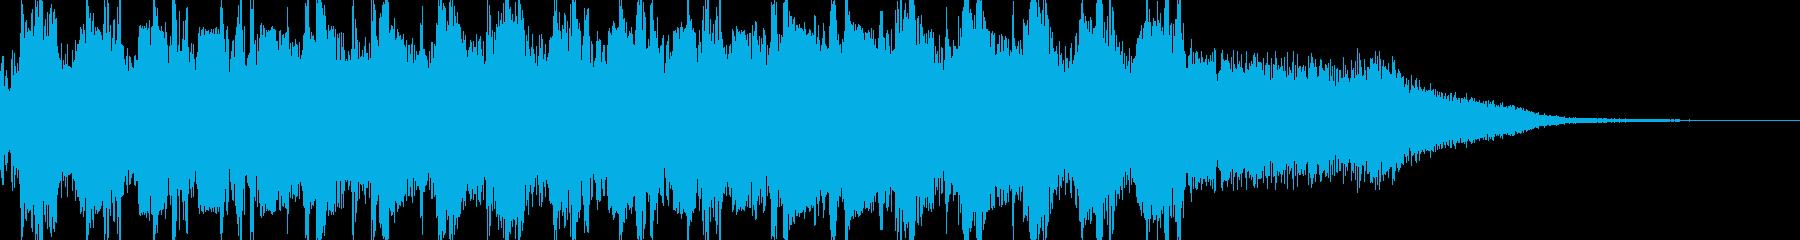 マシンガン(ドドドド)の再生済みの波形